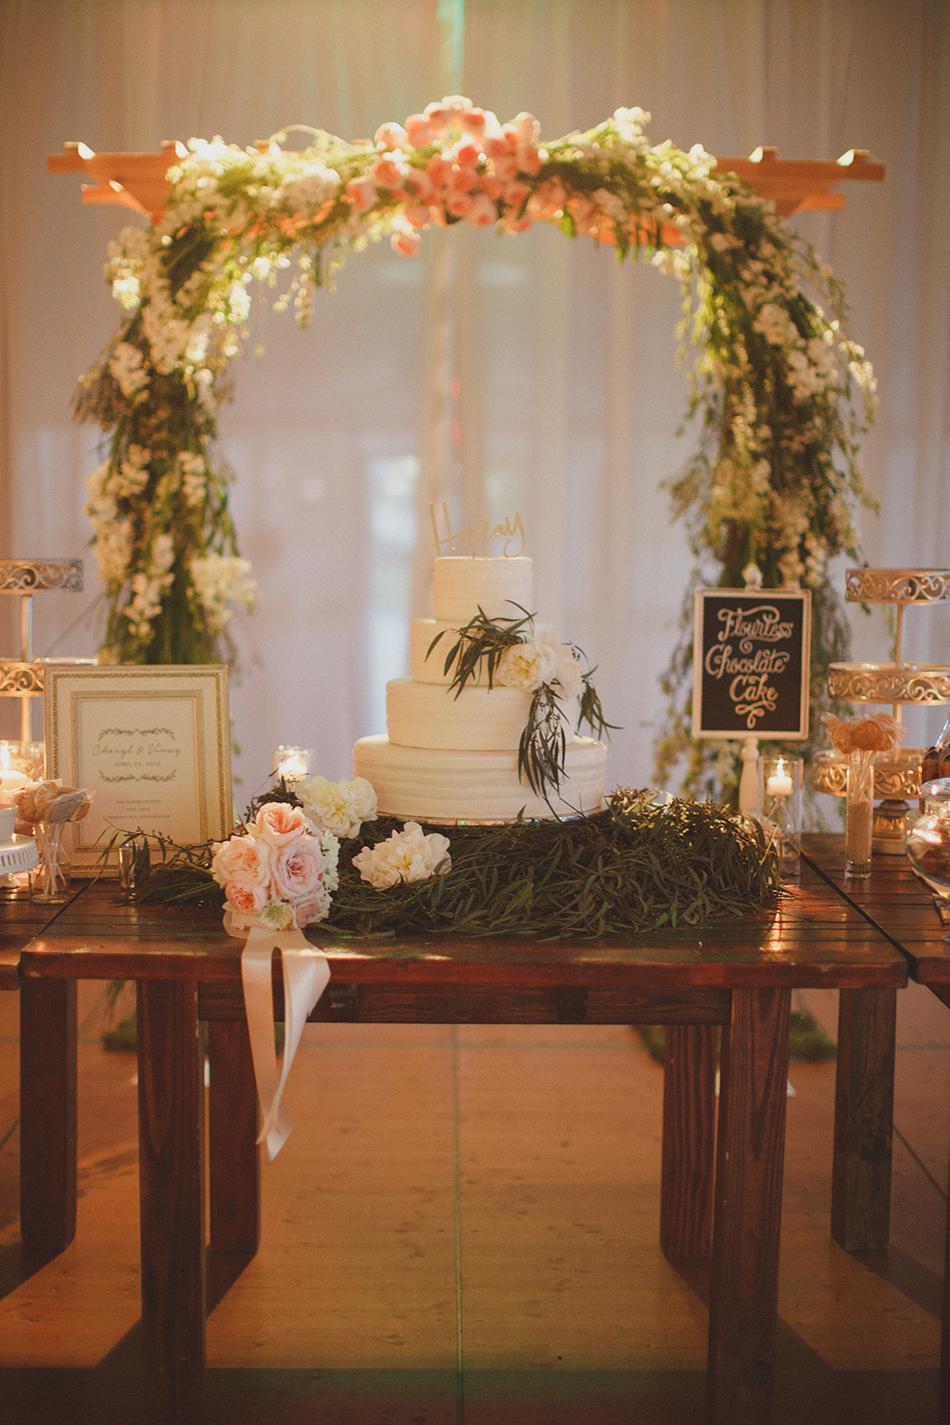 gorgeous white and green wedding cake